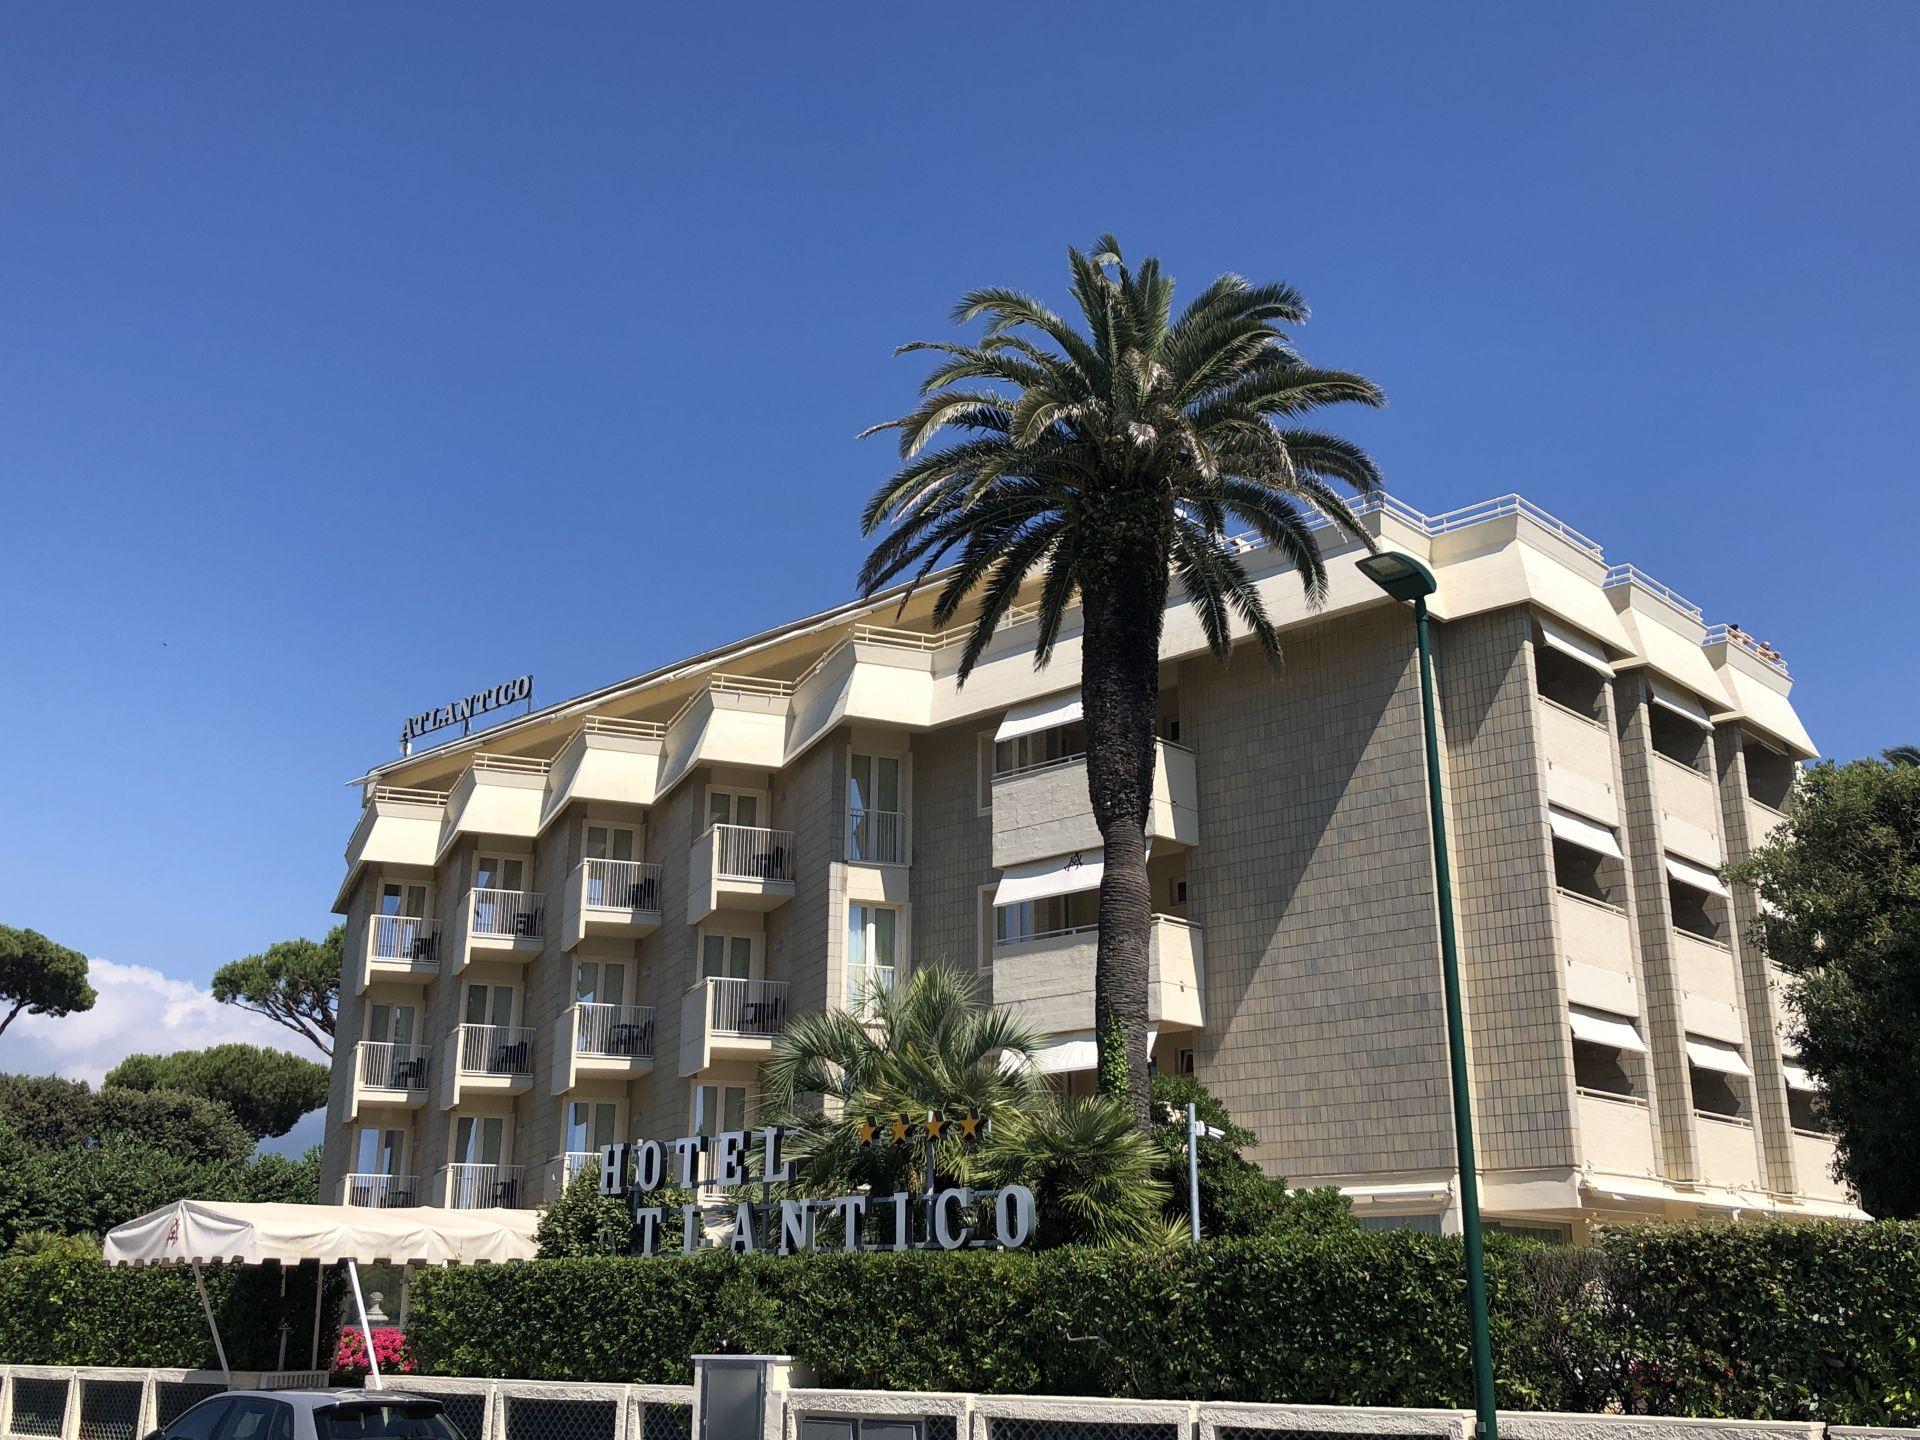 Hotel Atlantico Forte dei Marmi